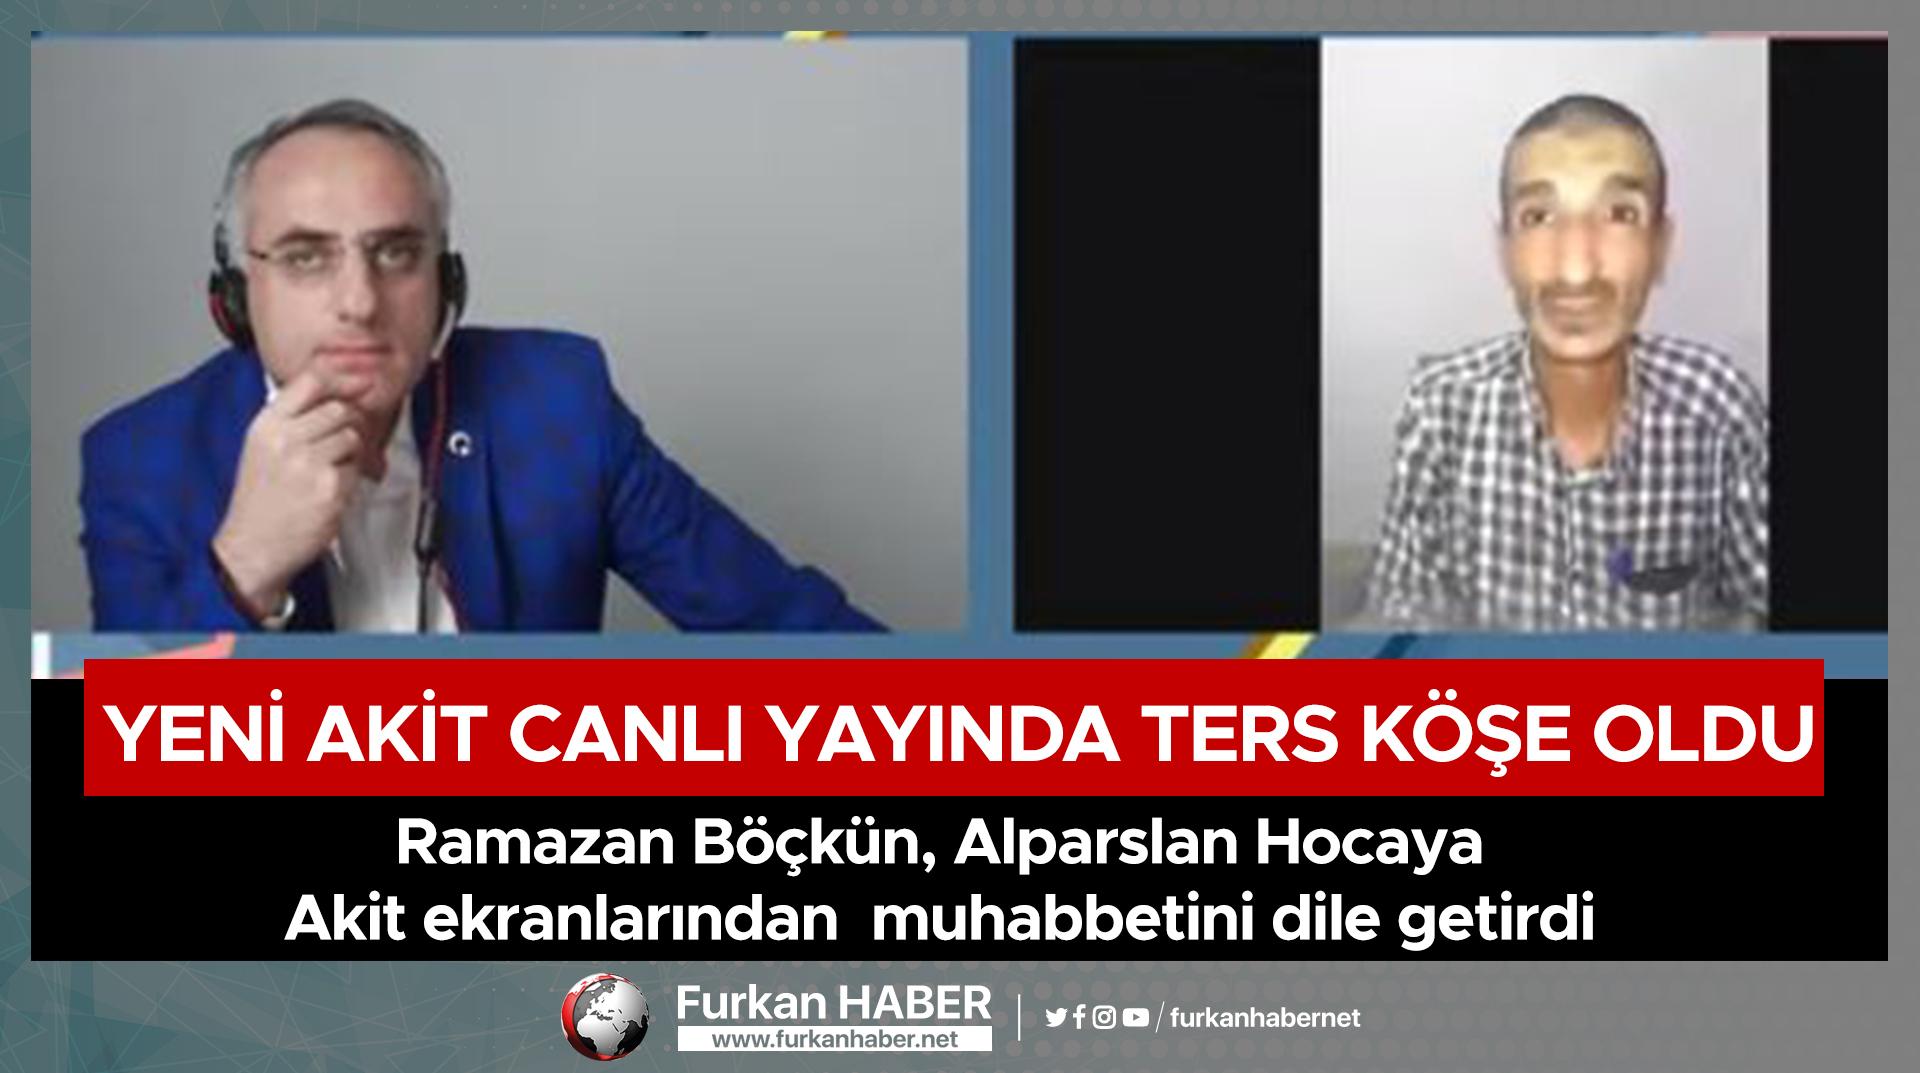 Ramazan Böçkün, Alparslan Hocaya Akit ekranlarından muhabbetini dile getirdi